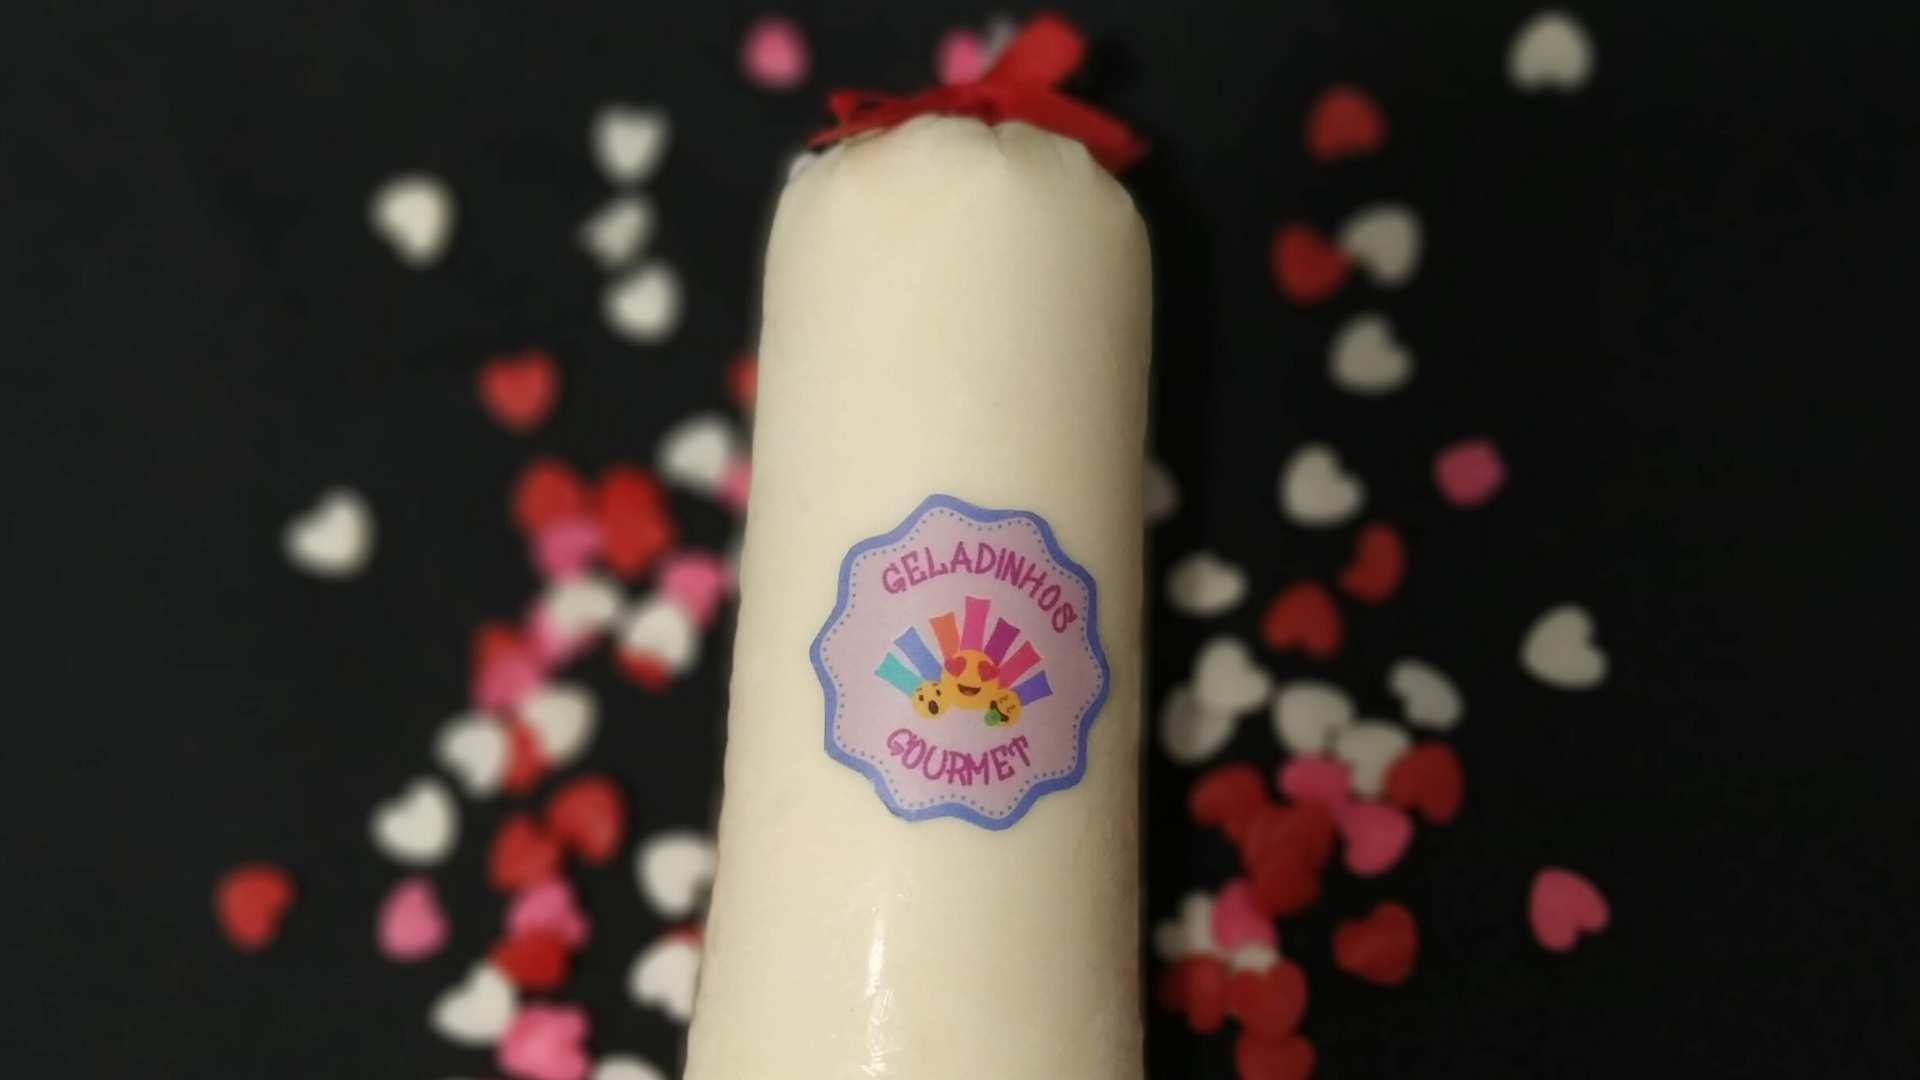 Receita de Geladinho Gourmet de Coco com leite condensado